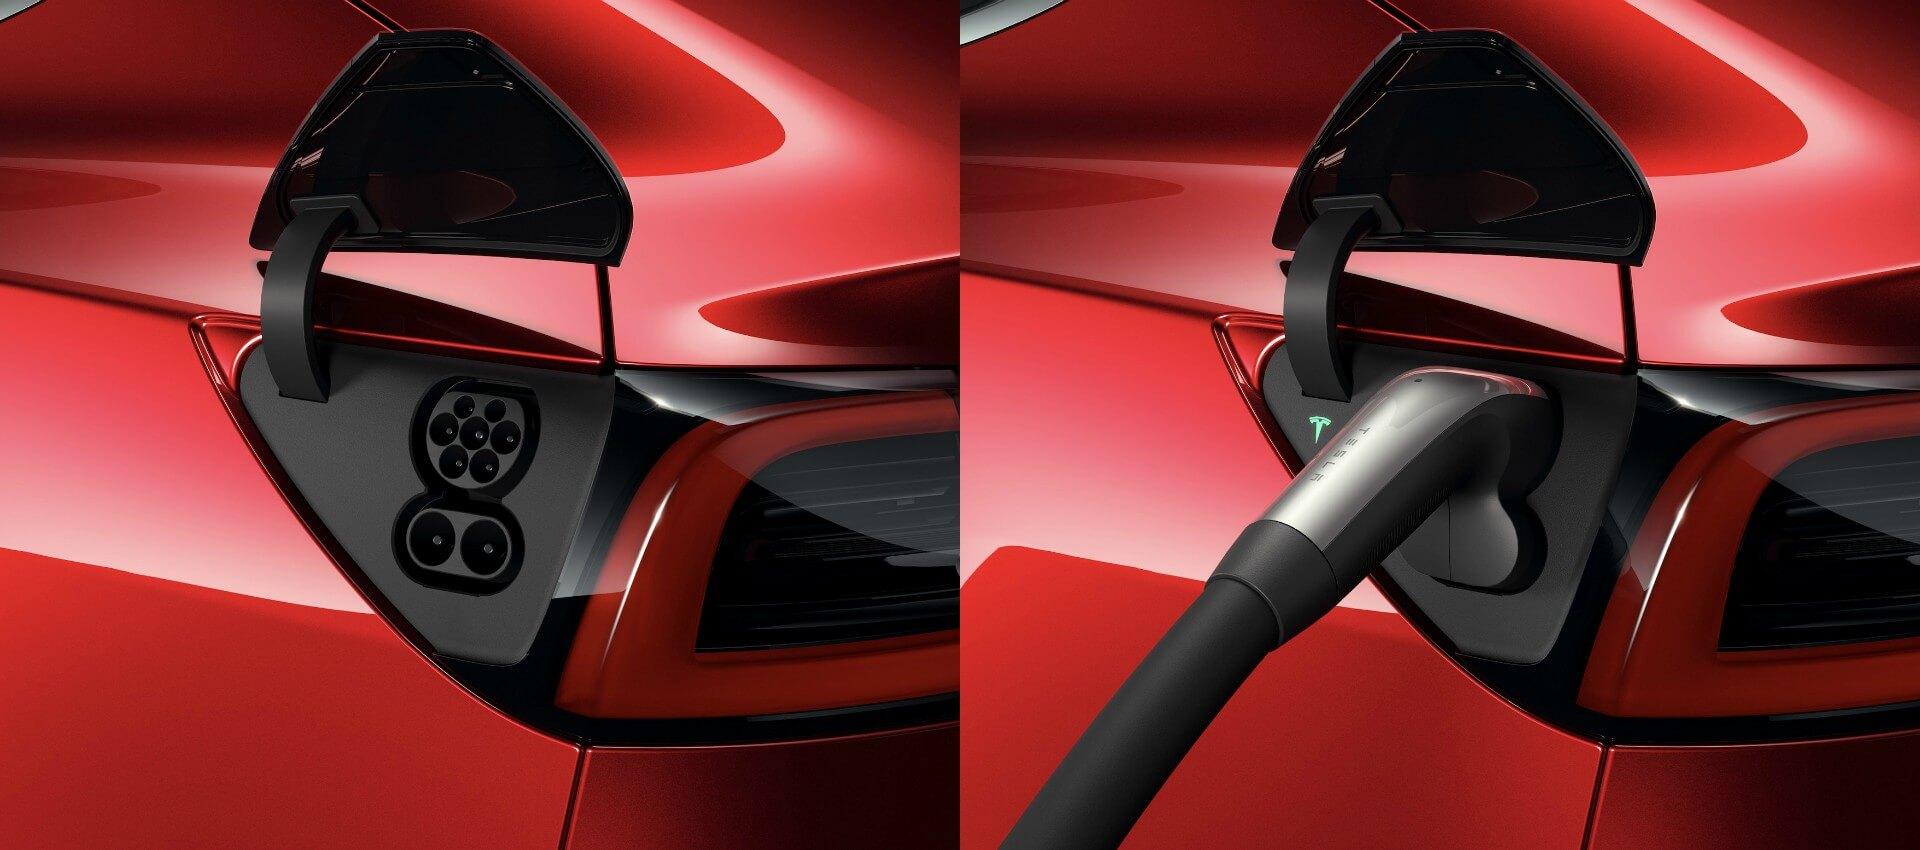 Tesla Model 3 для европейского рынка с разъемом Type 2 CCS Combo